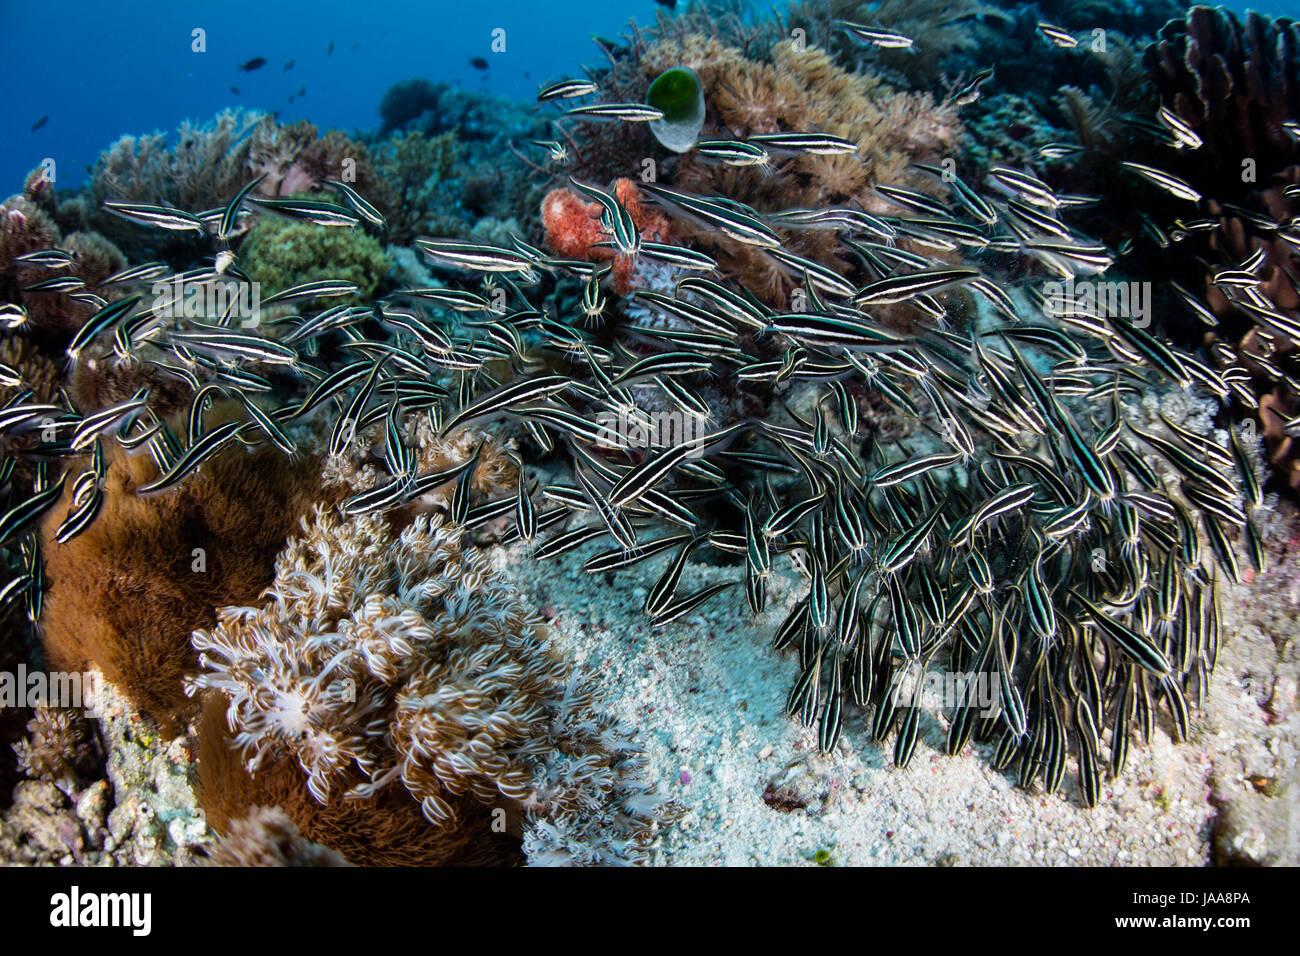 Eine Schule des gestreiften Aal Wels, Plotosus Lineatus, schwärmen über eine indonesische Korallenriff auf der Suche nach Nahrung. Stockfoto